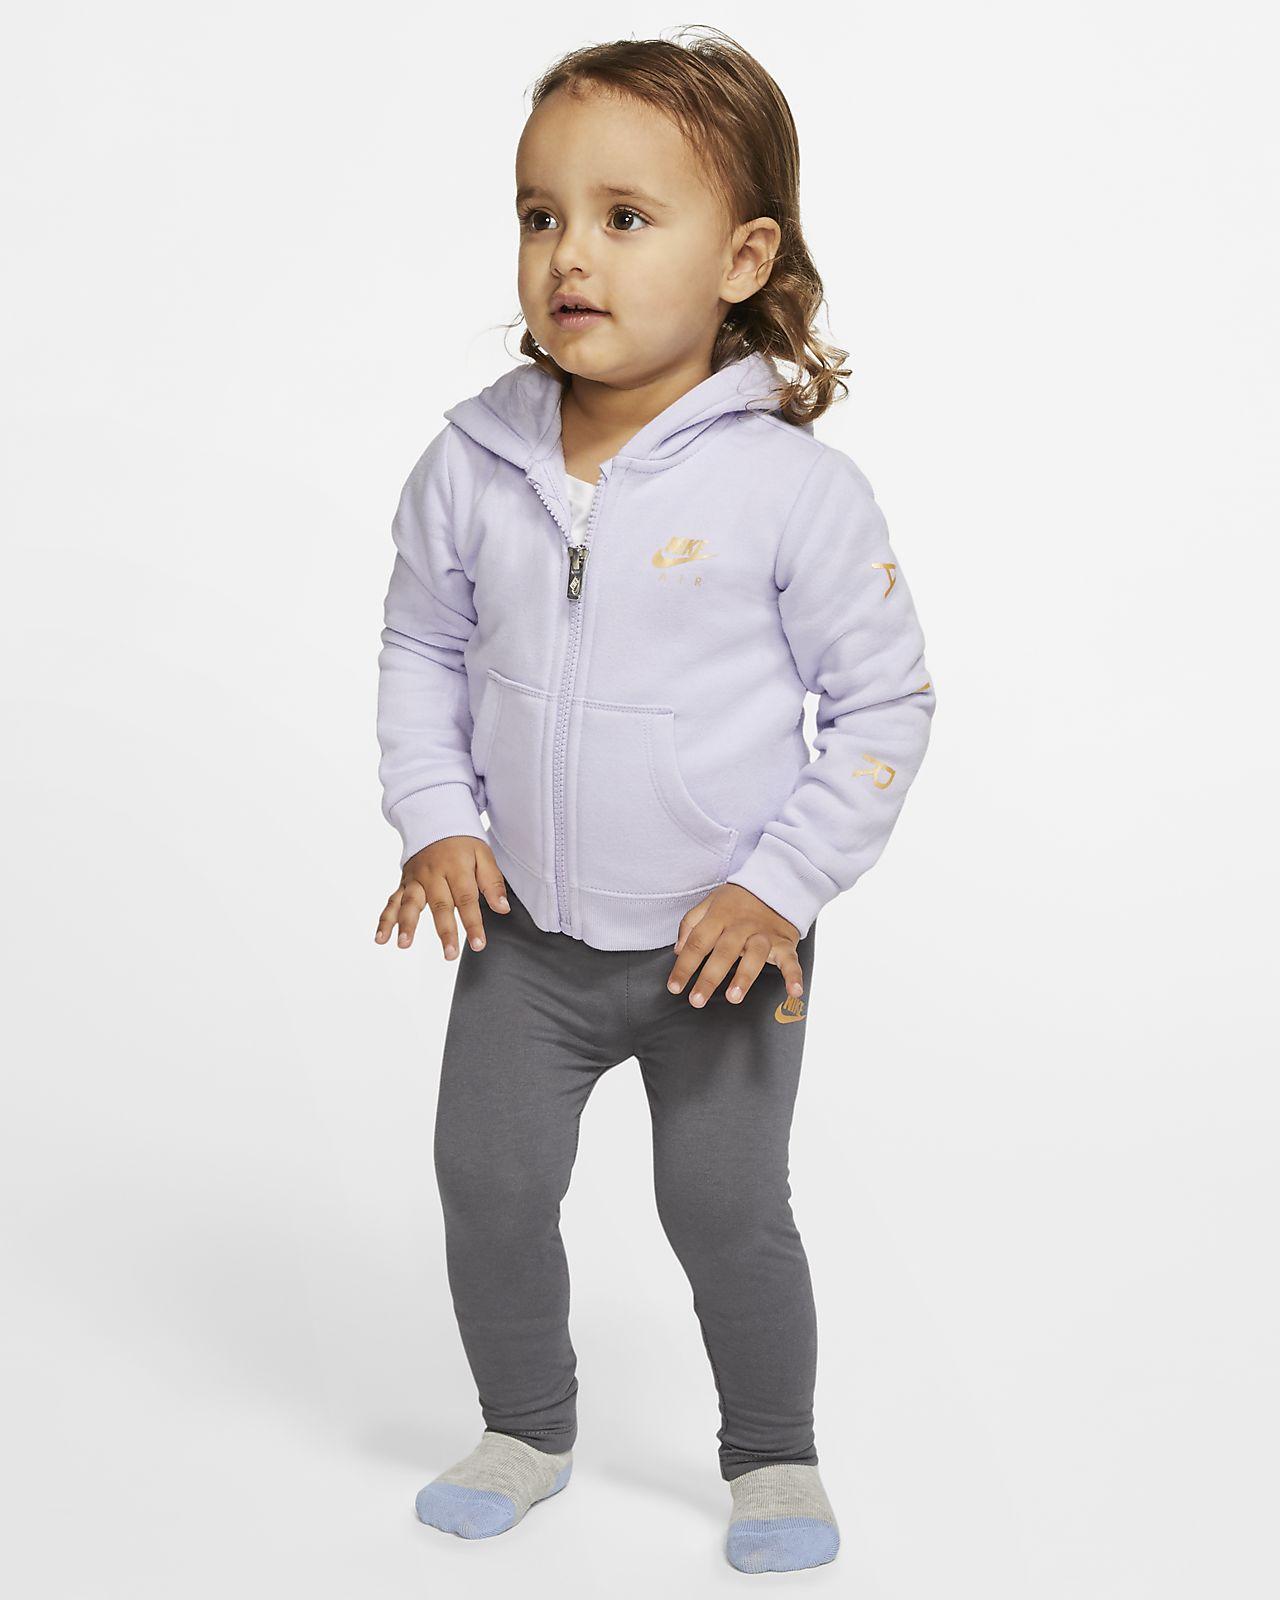 Nike Air Baby Hoodie and Leggings 2-Piece Set